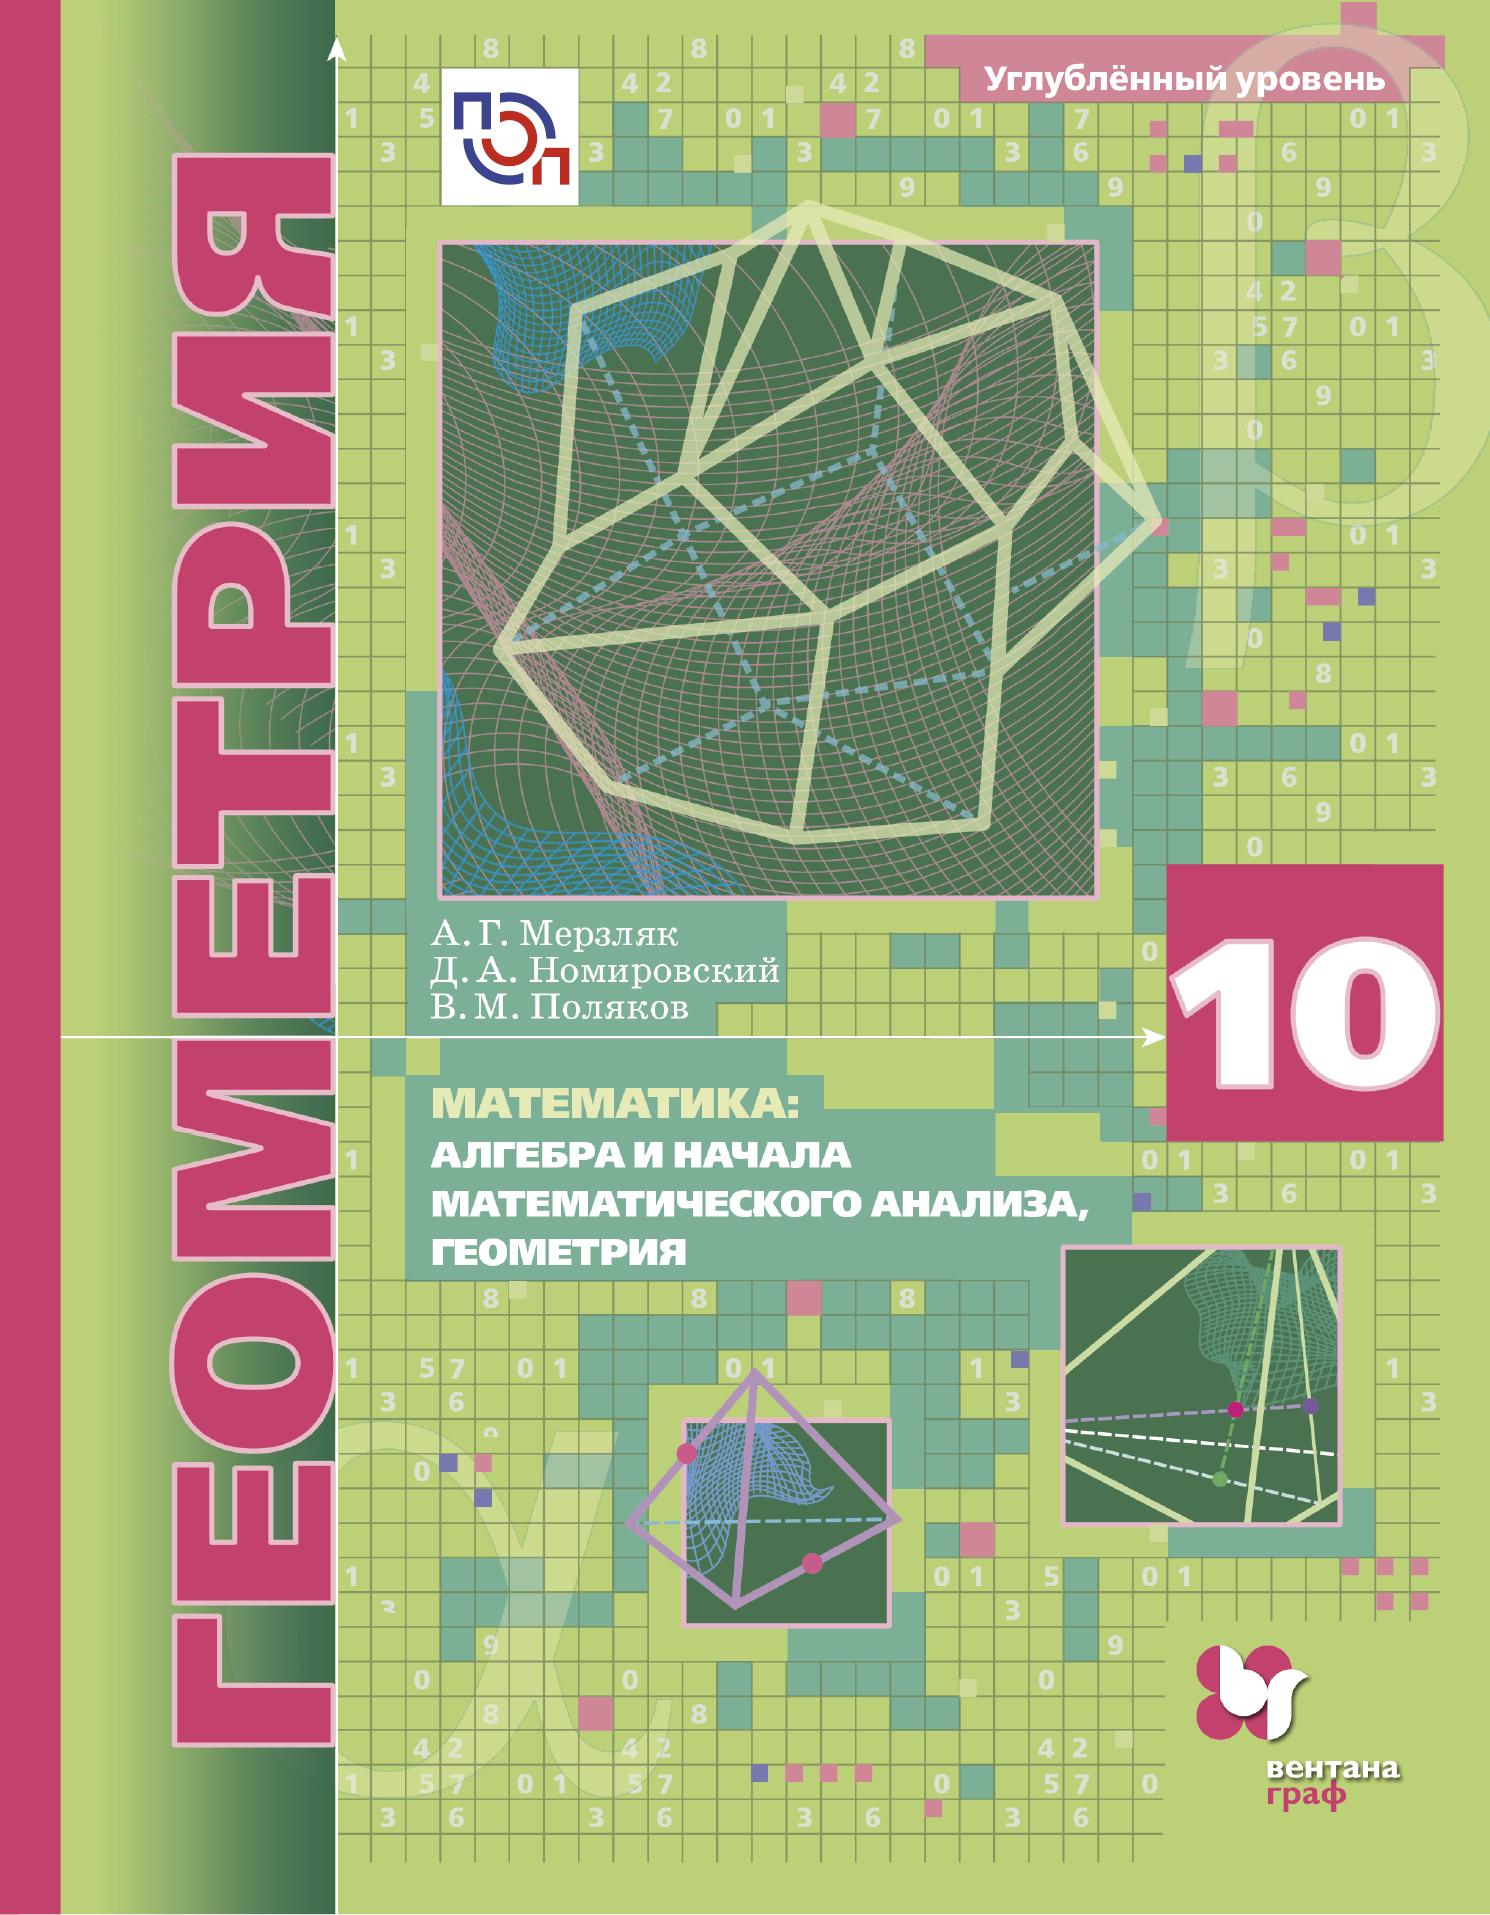 Математика: алгебра и начала математического анализа, геометрия. Геометрия. 10 класс. Углублённый уровень. Учебник ( Мерзляк А.Г., Номировский Д.А., Поляков В.М.  )